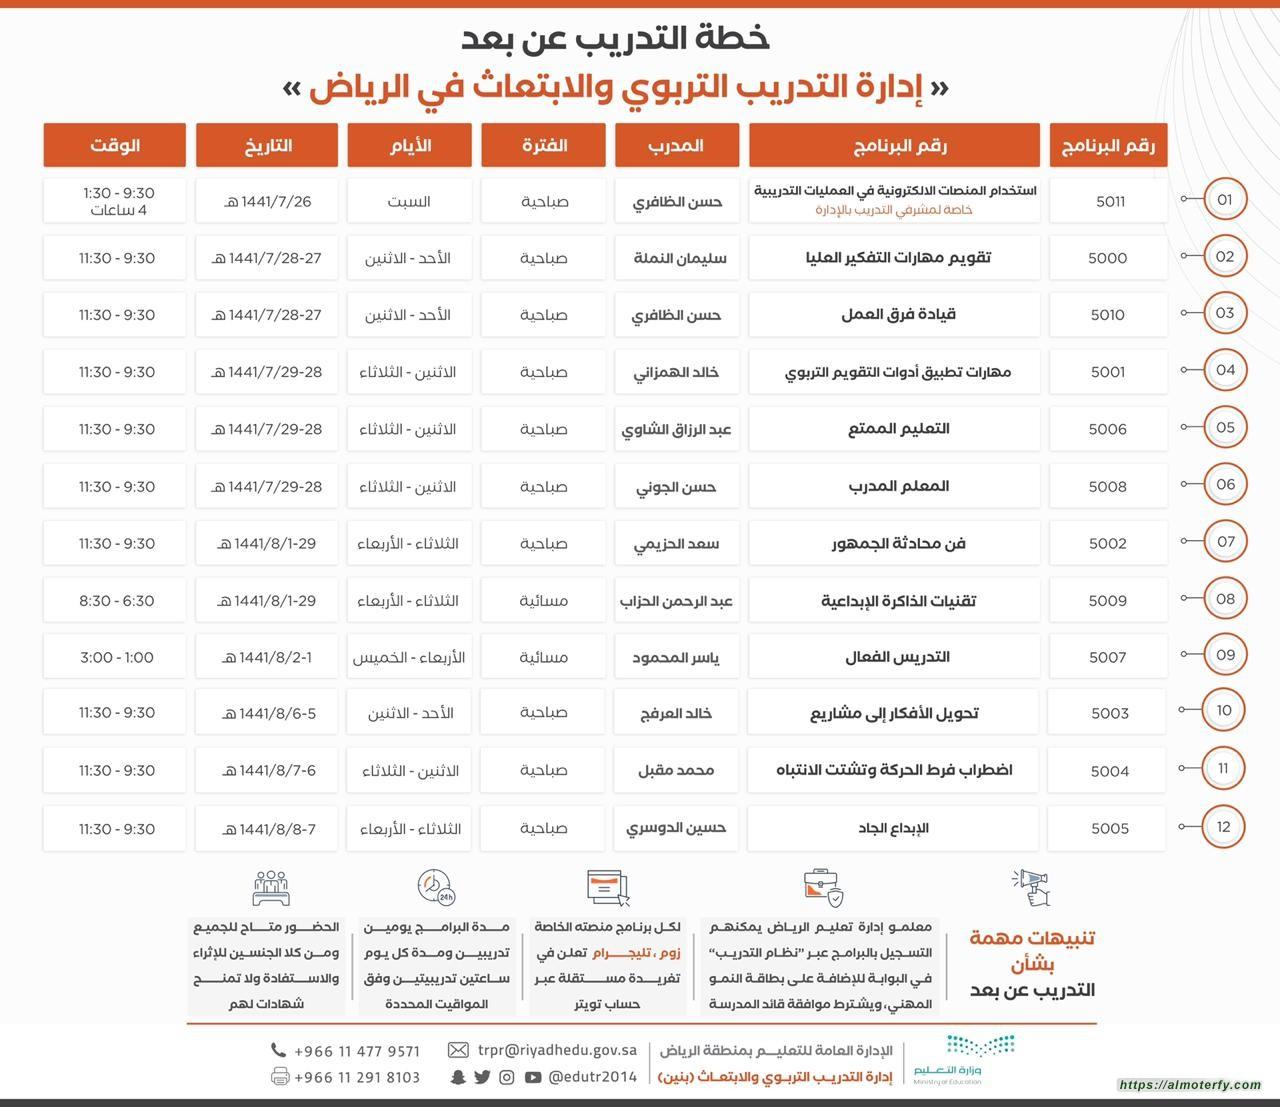 """""""تعليم الرياض"""" يطلق """"التدريب عن بعد"""" ويستهدف 3 آلاف معلم"""